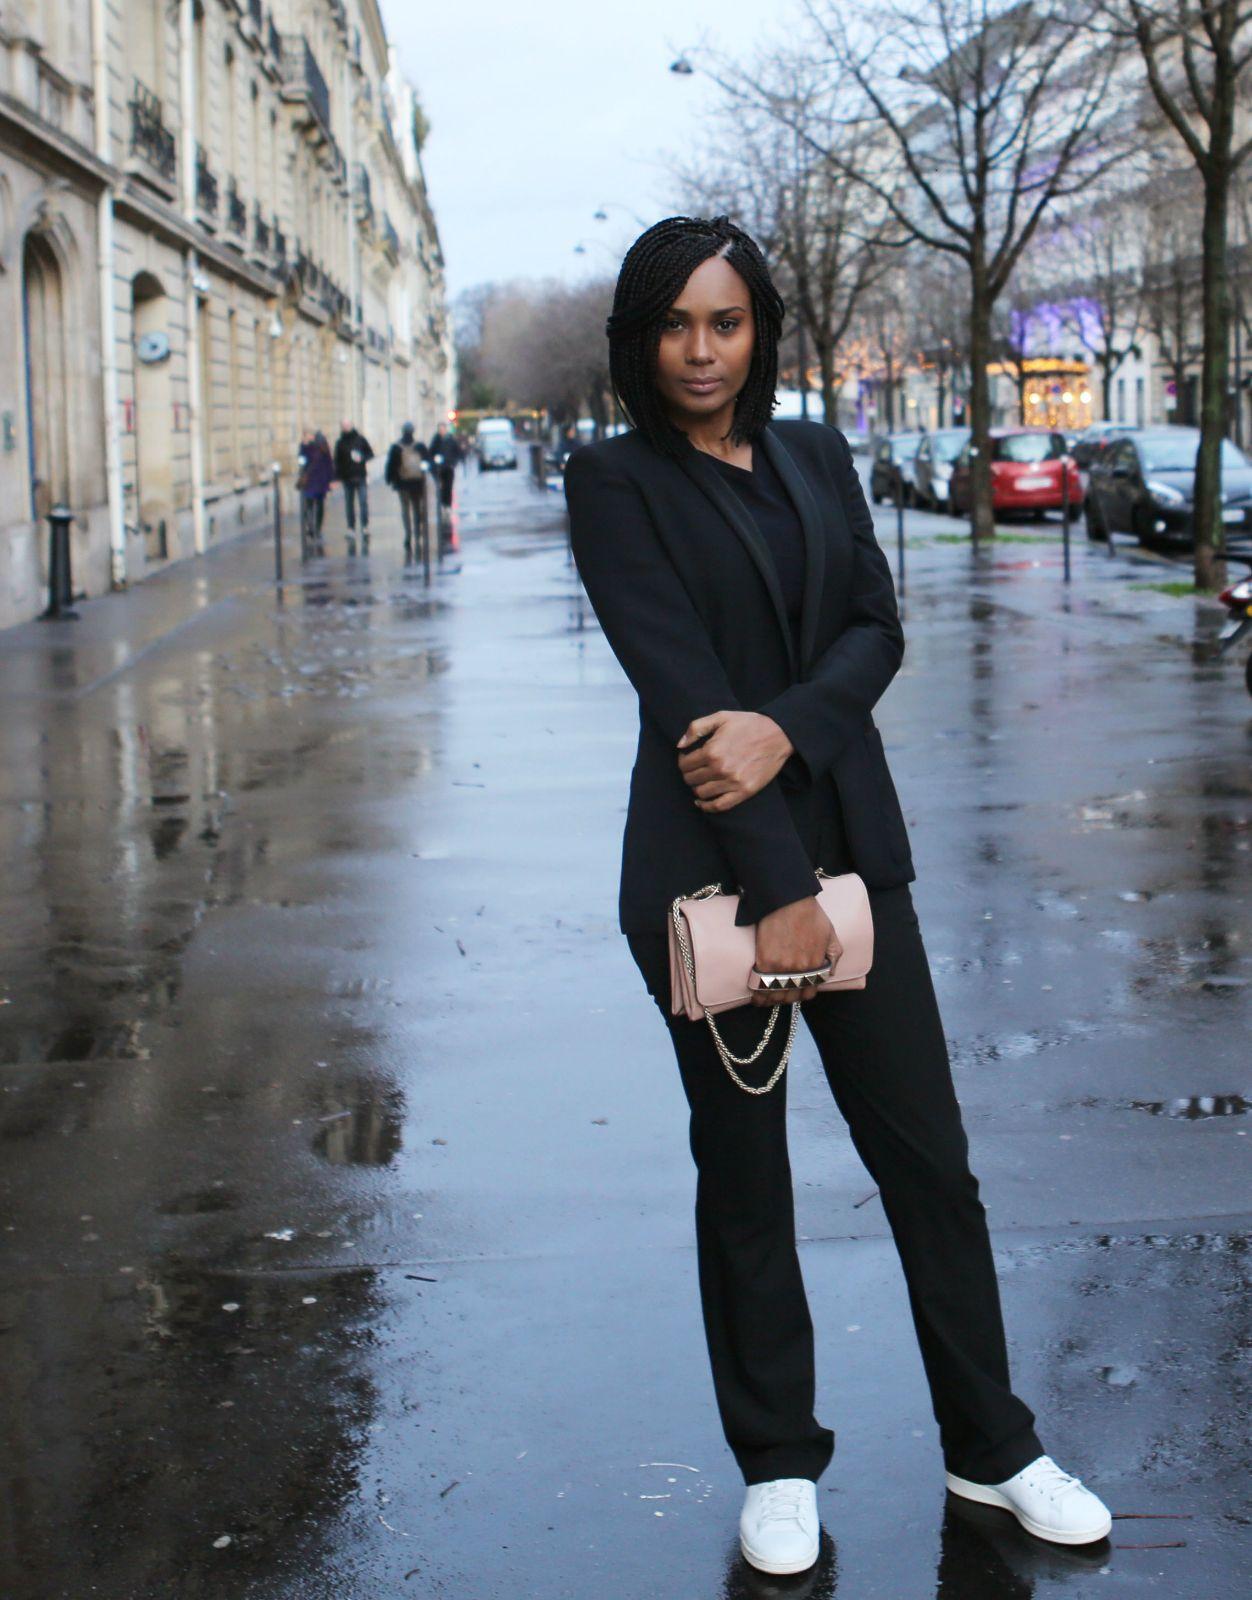 Les 25 meilleures id es concernant salon coiffure afro sur for Salon coiffure afro paris